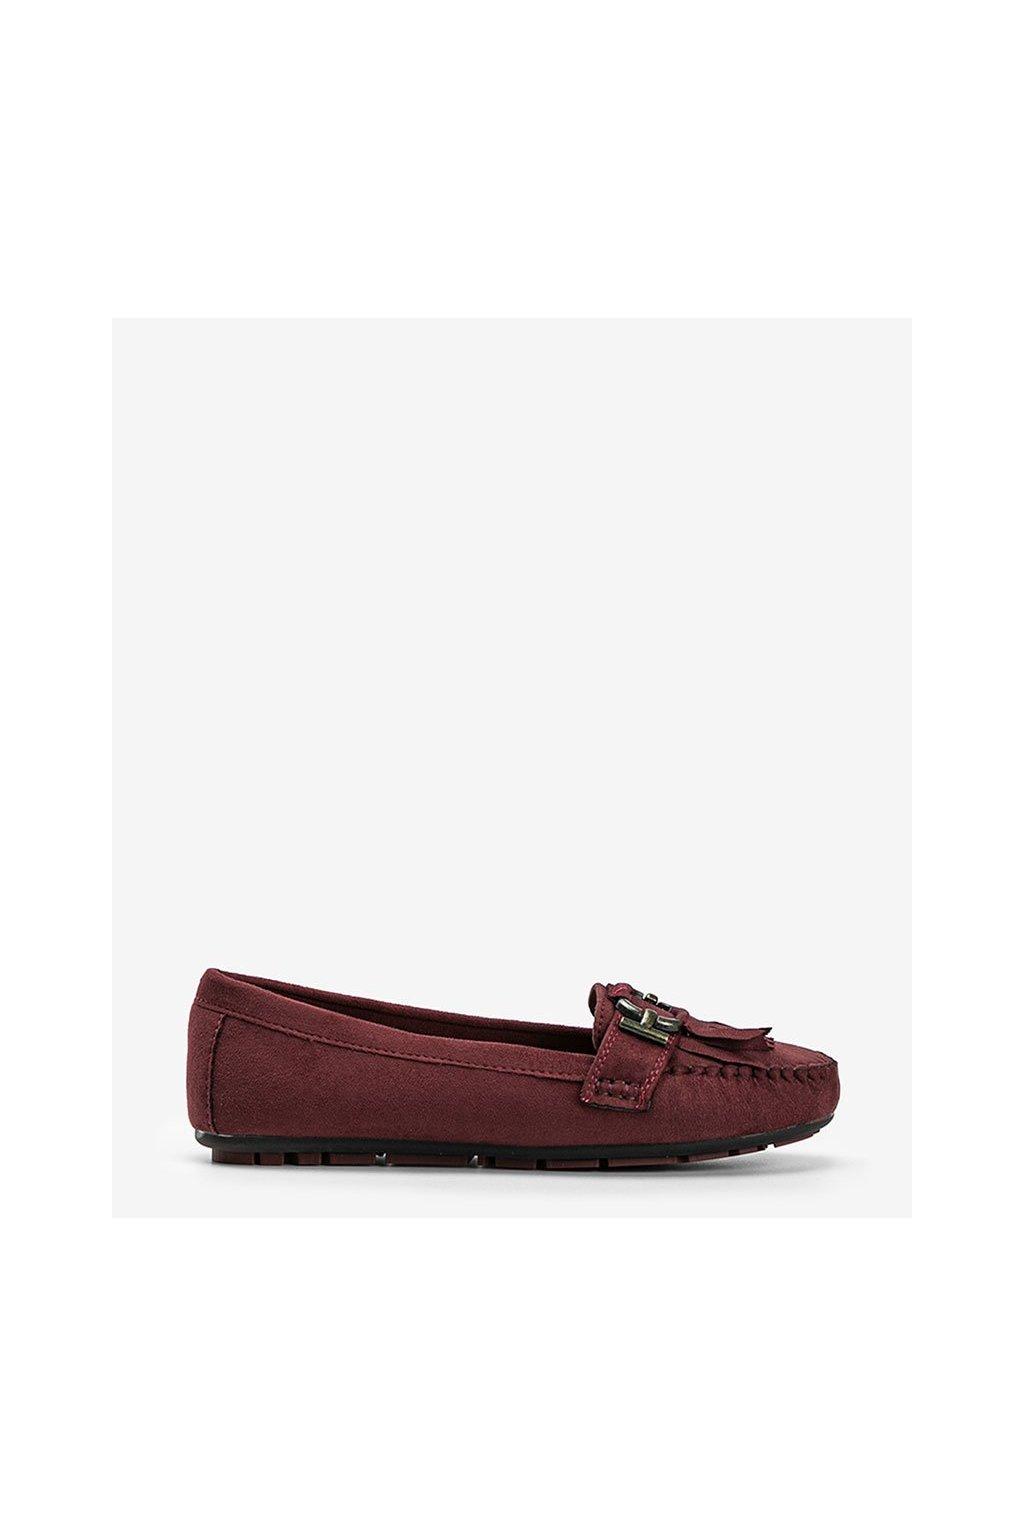 Dámske topánky mokasíny bordové kód H9260 - GM